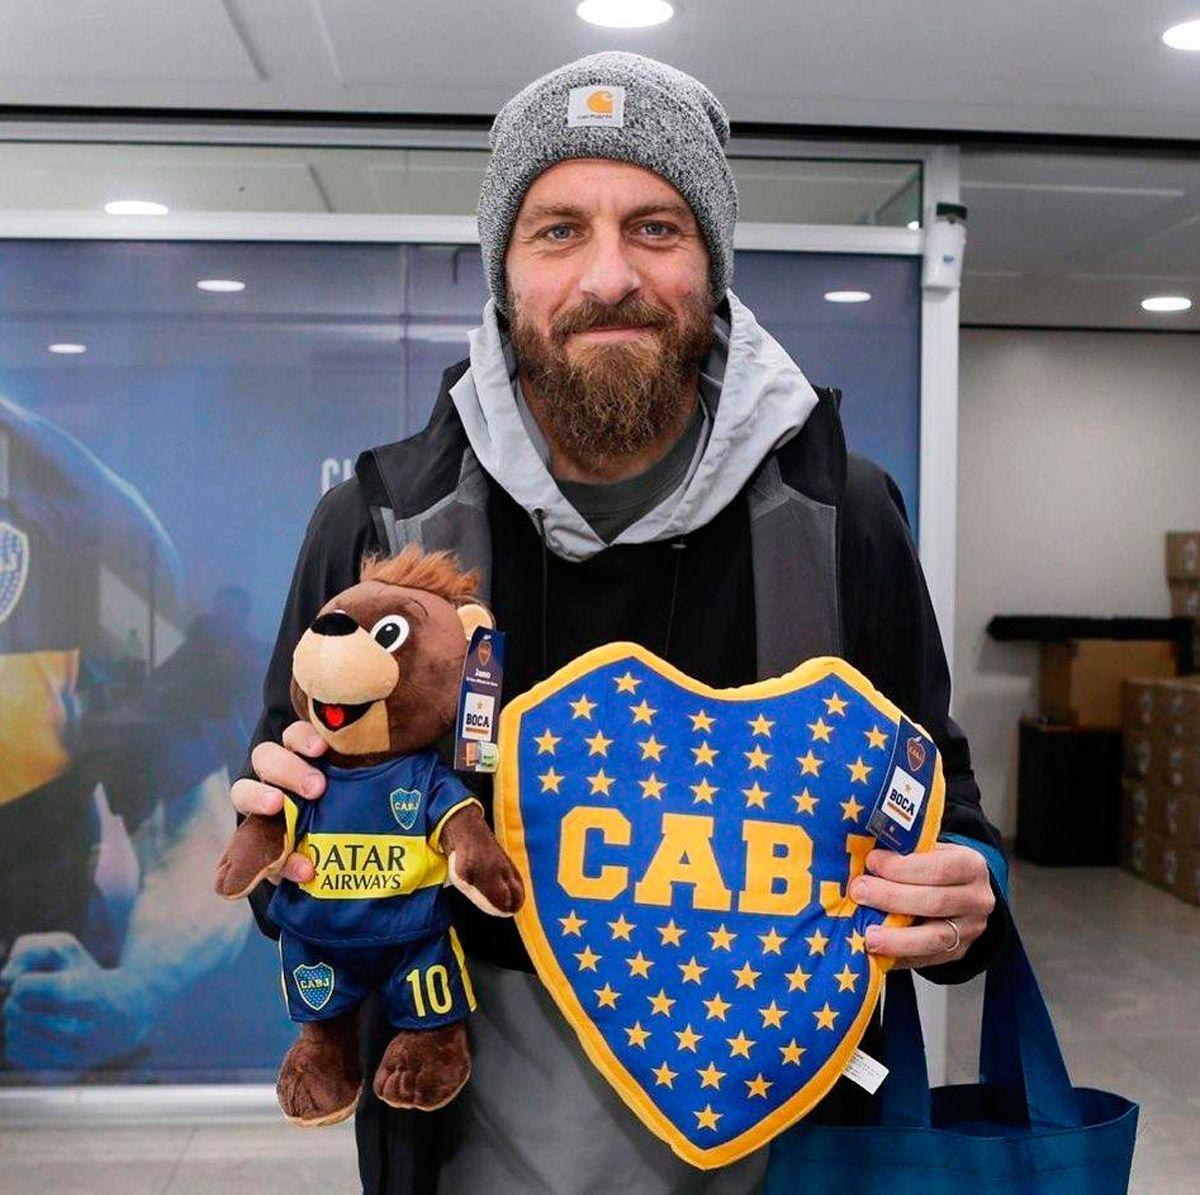 El comunicado de Boca tras la polémica por el oso Jano: Está en manos de los abogados